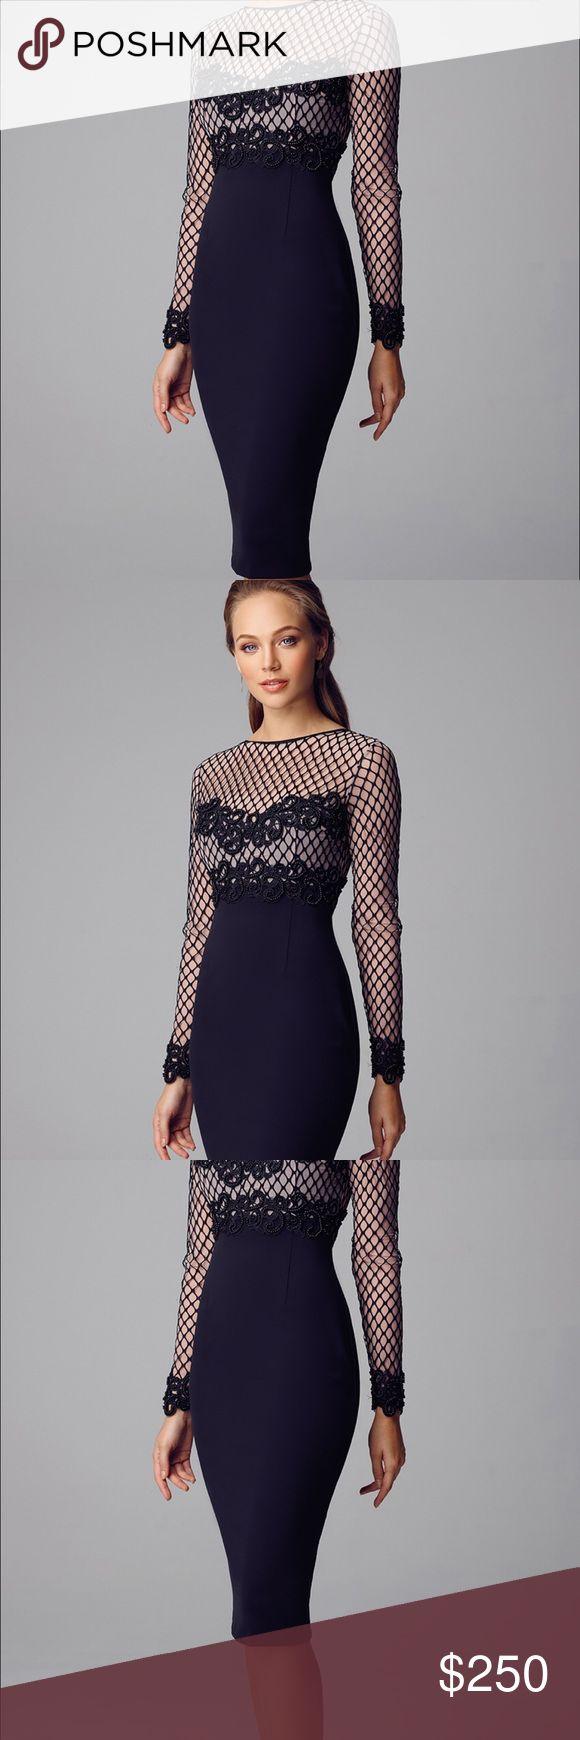 Alberto Makali Fishnet Dress S Style 184259 absolutely stunning. Never worn Alberto Makali Dresses Midi